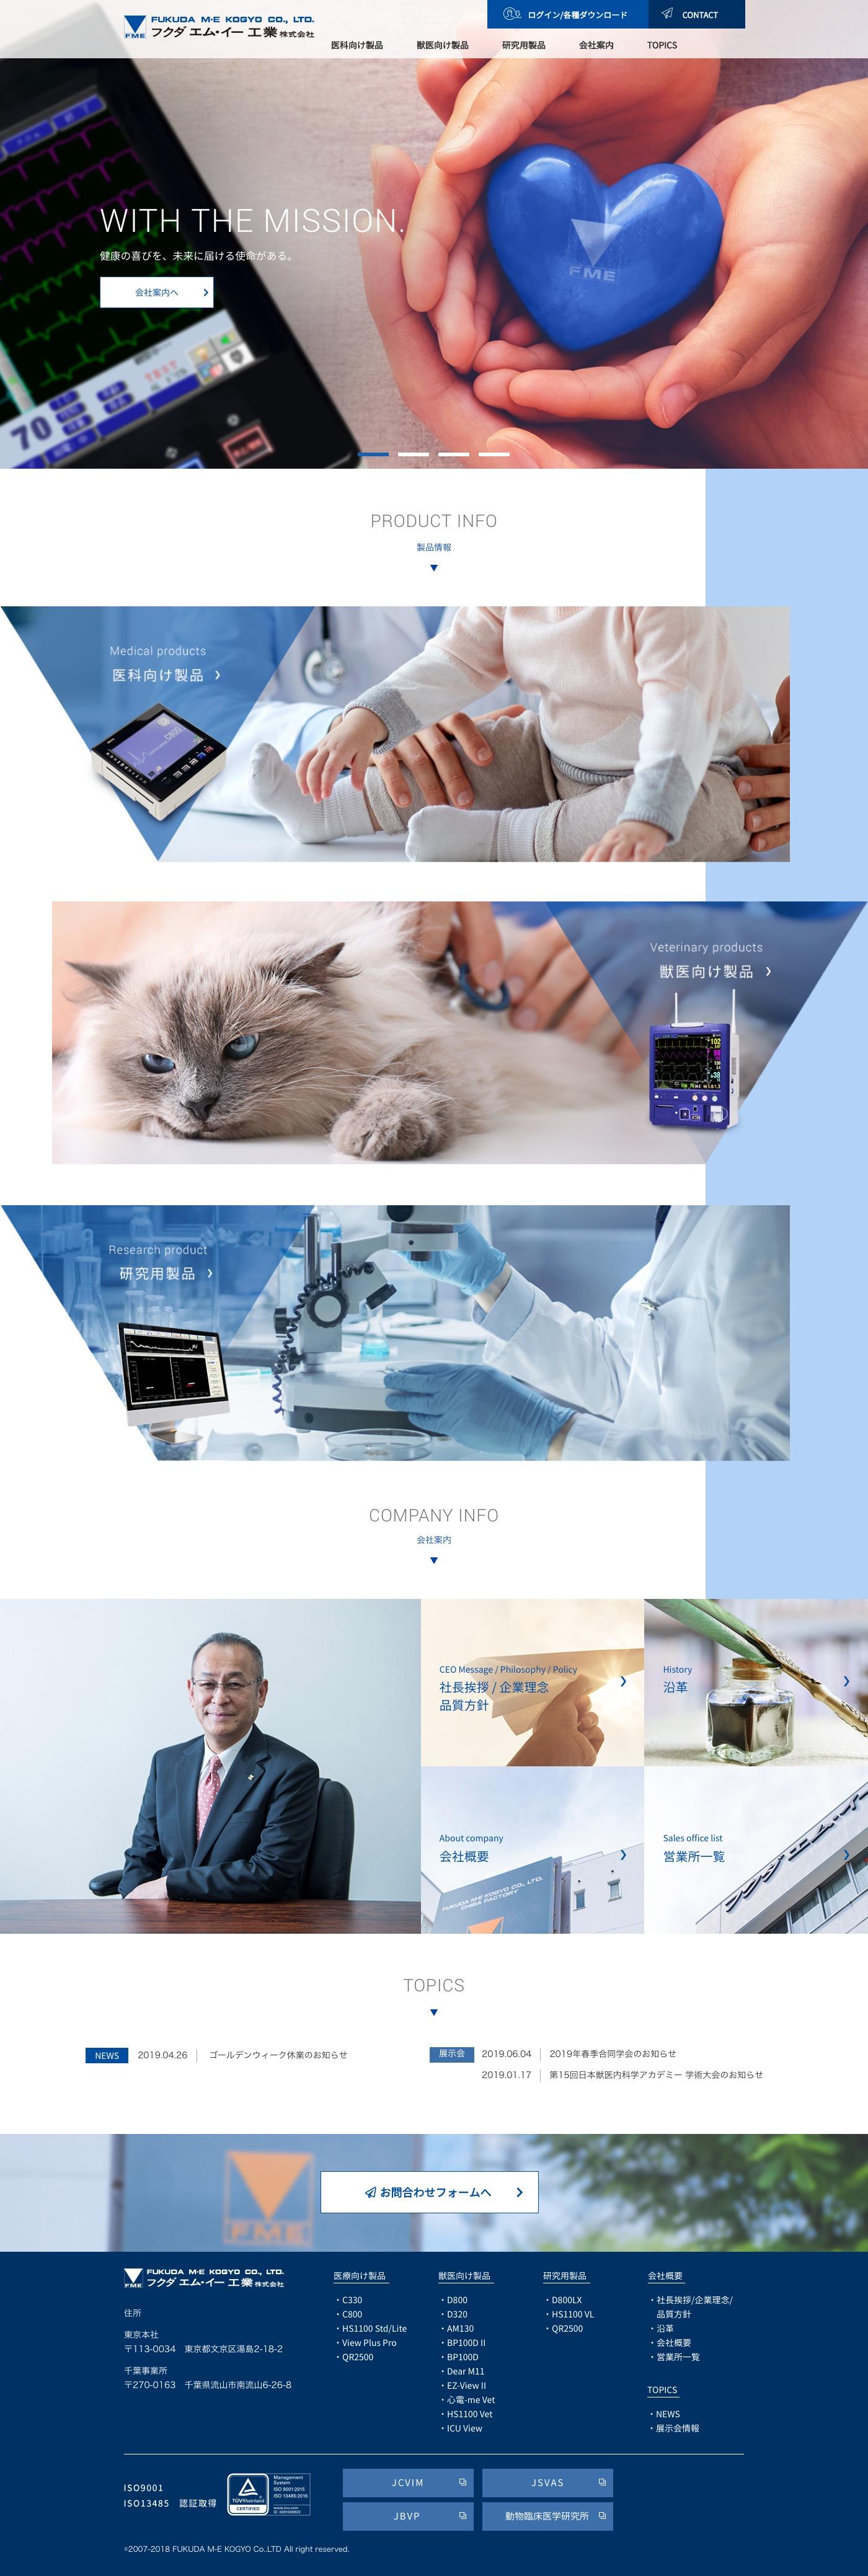 ホームページ制作実績フクダ エム・イー株式会社様 コーポレートサイト